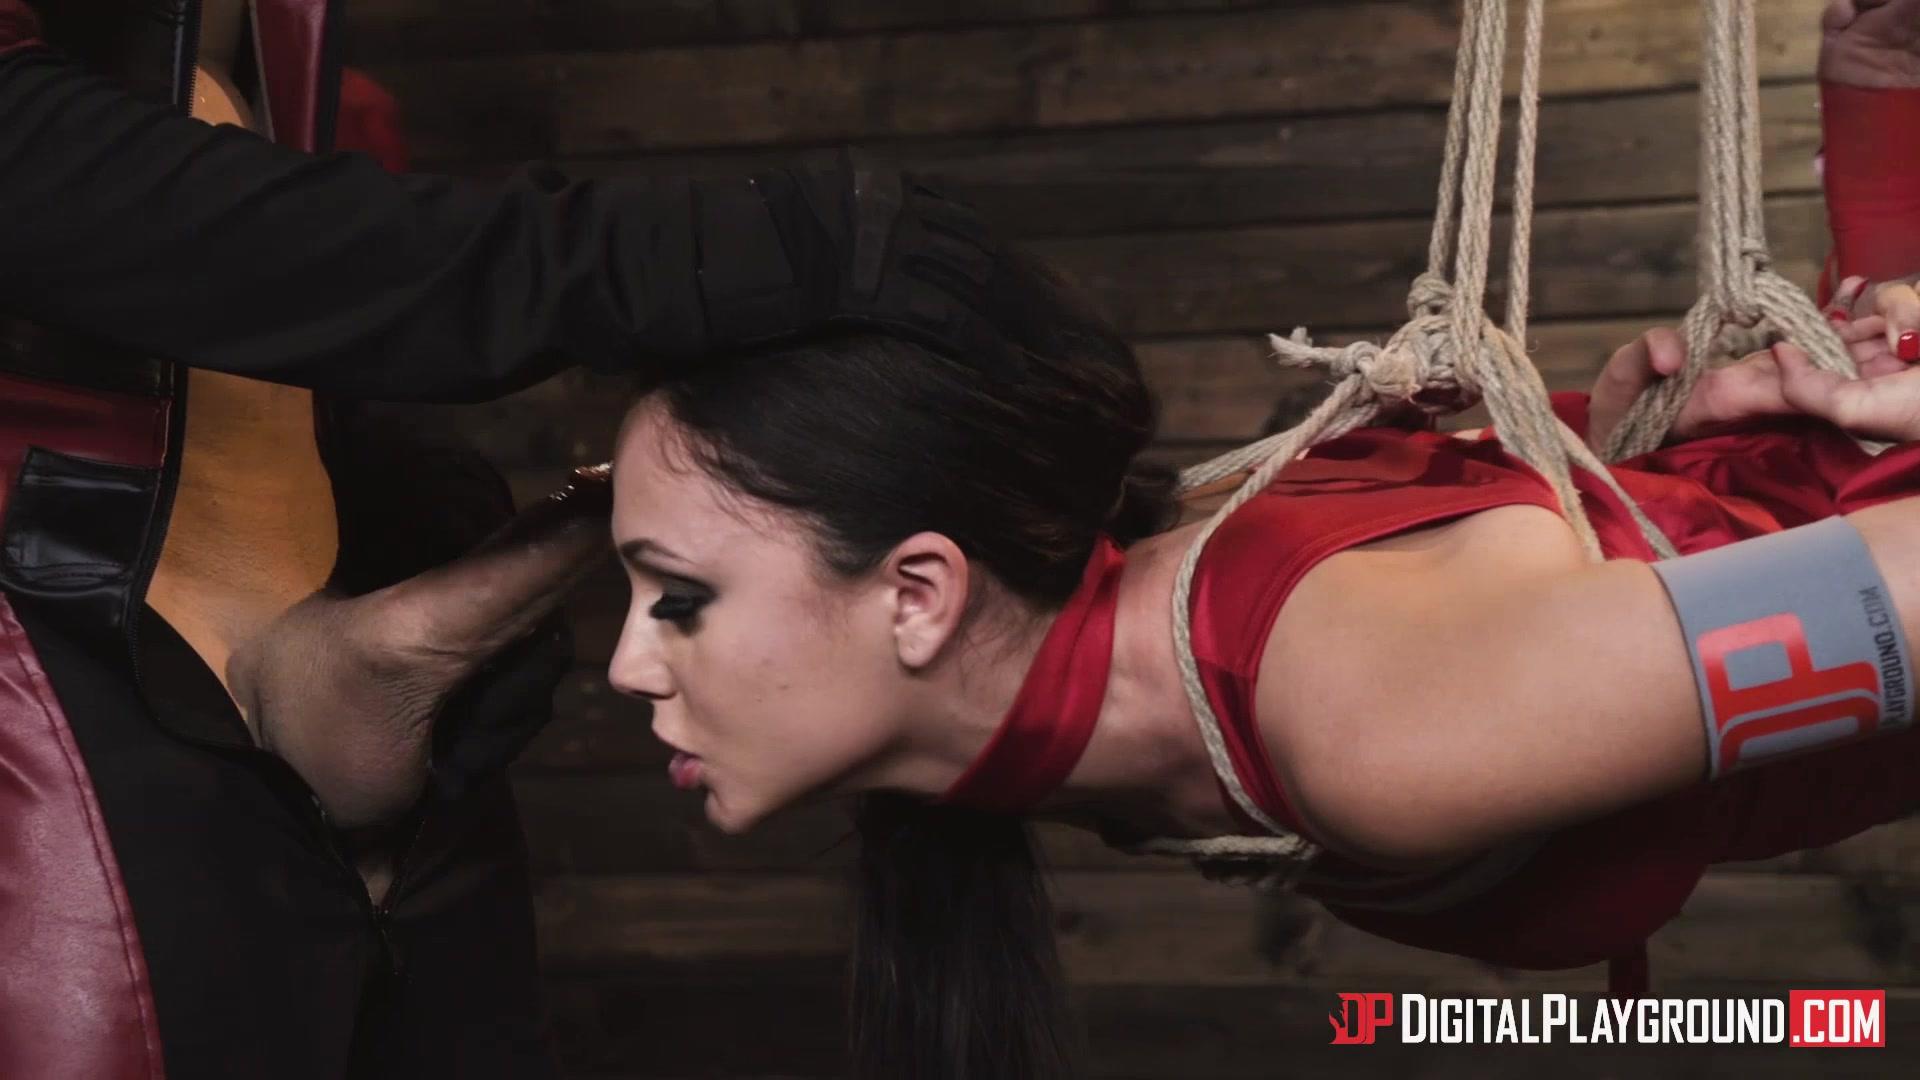 Hot hard boobs fucking sex